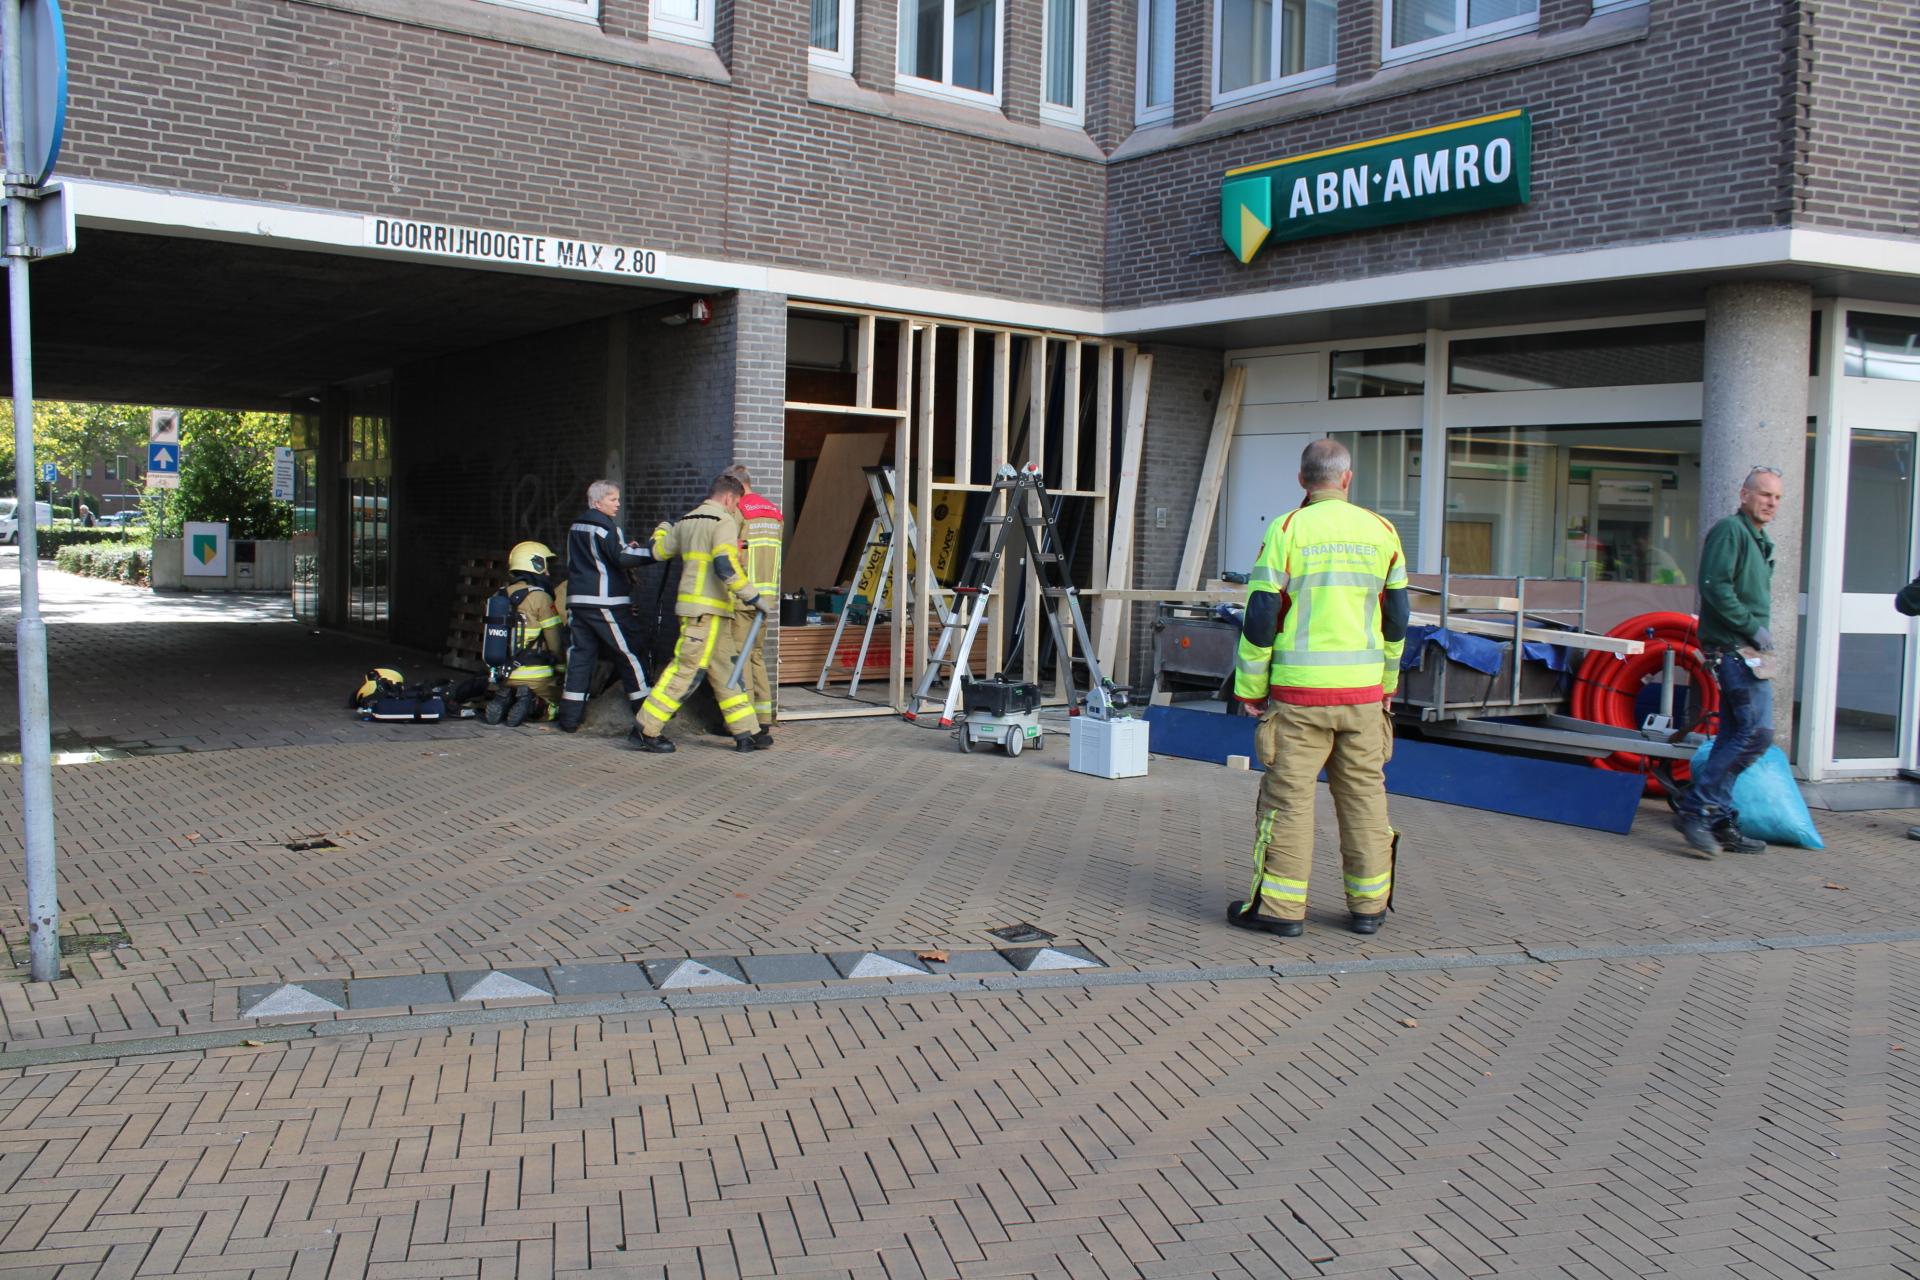 Brandweer opgeroepen wegens gaslek bij ABN AMRO